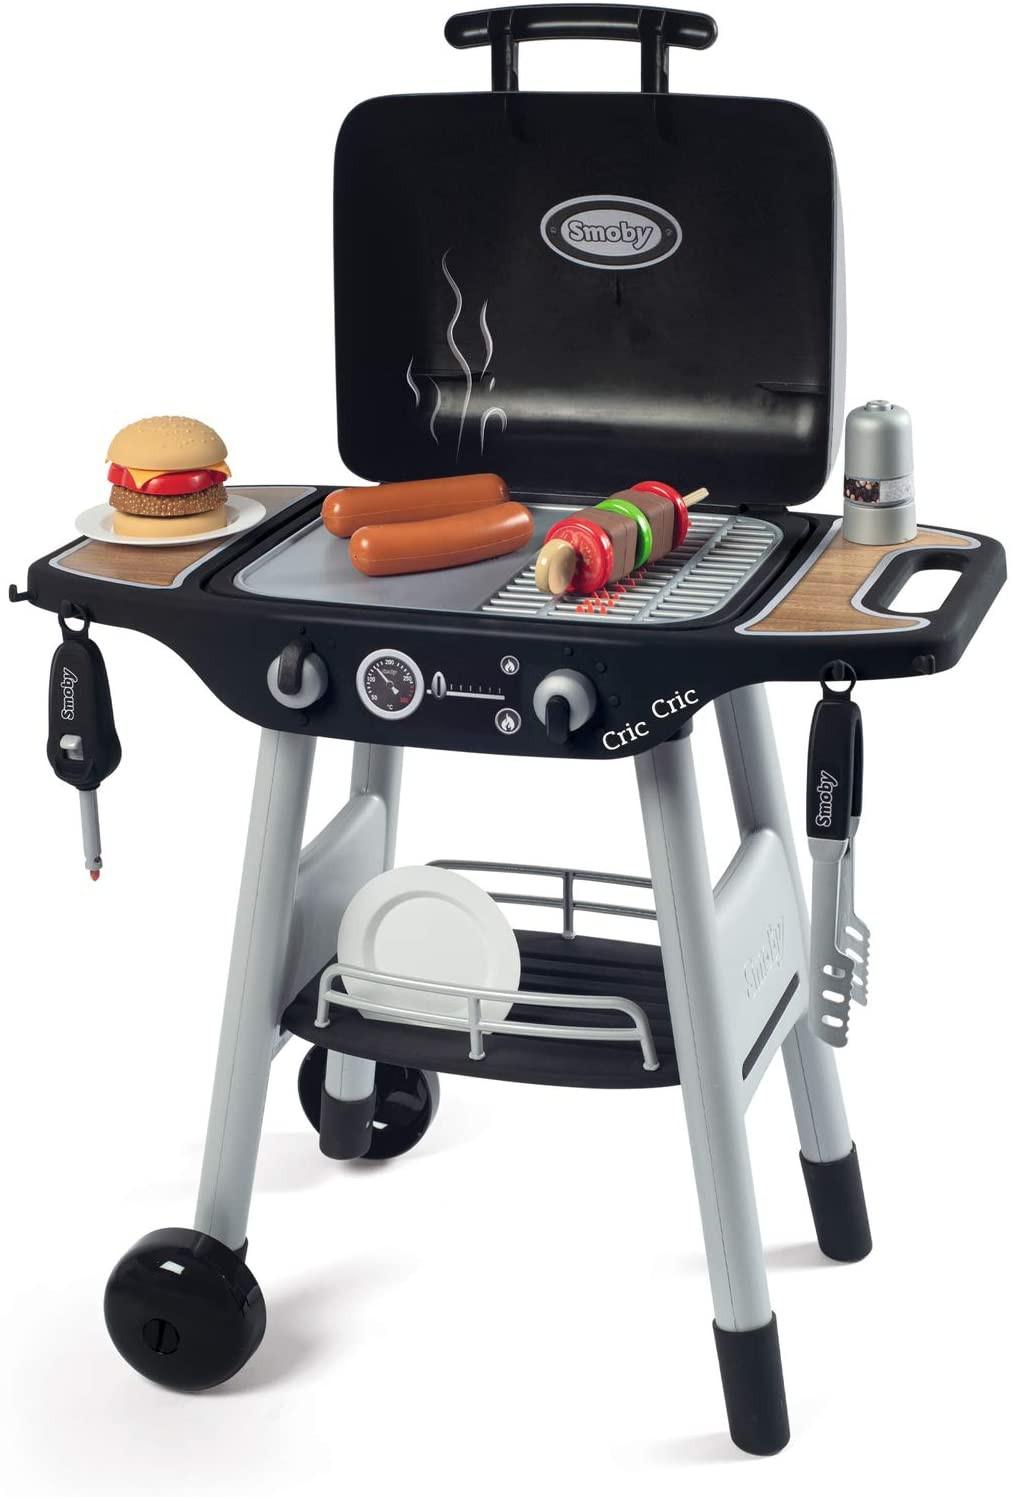 Ensemble de gril barbecue avec accessoires